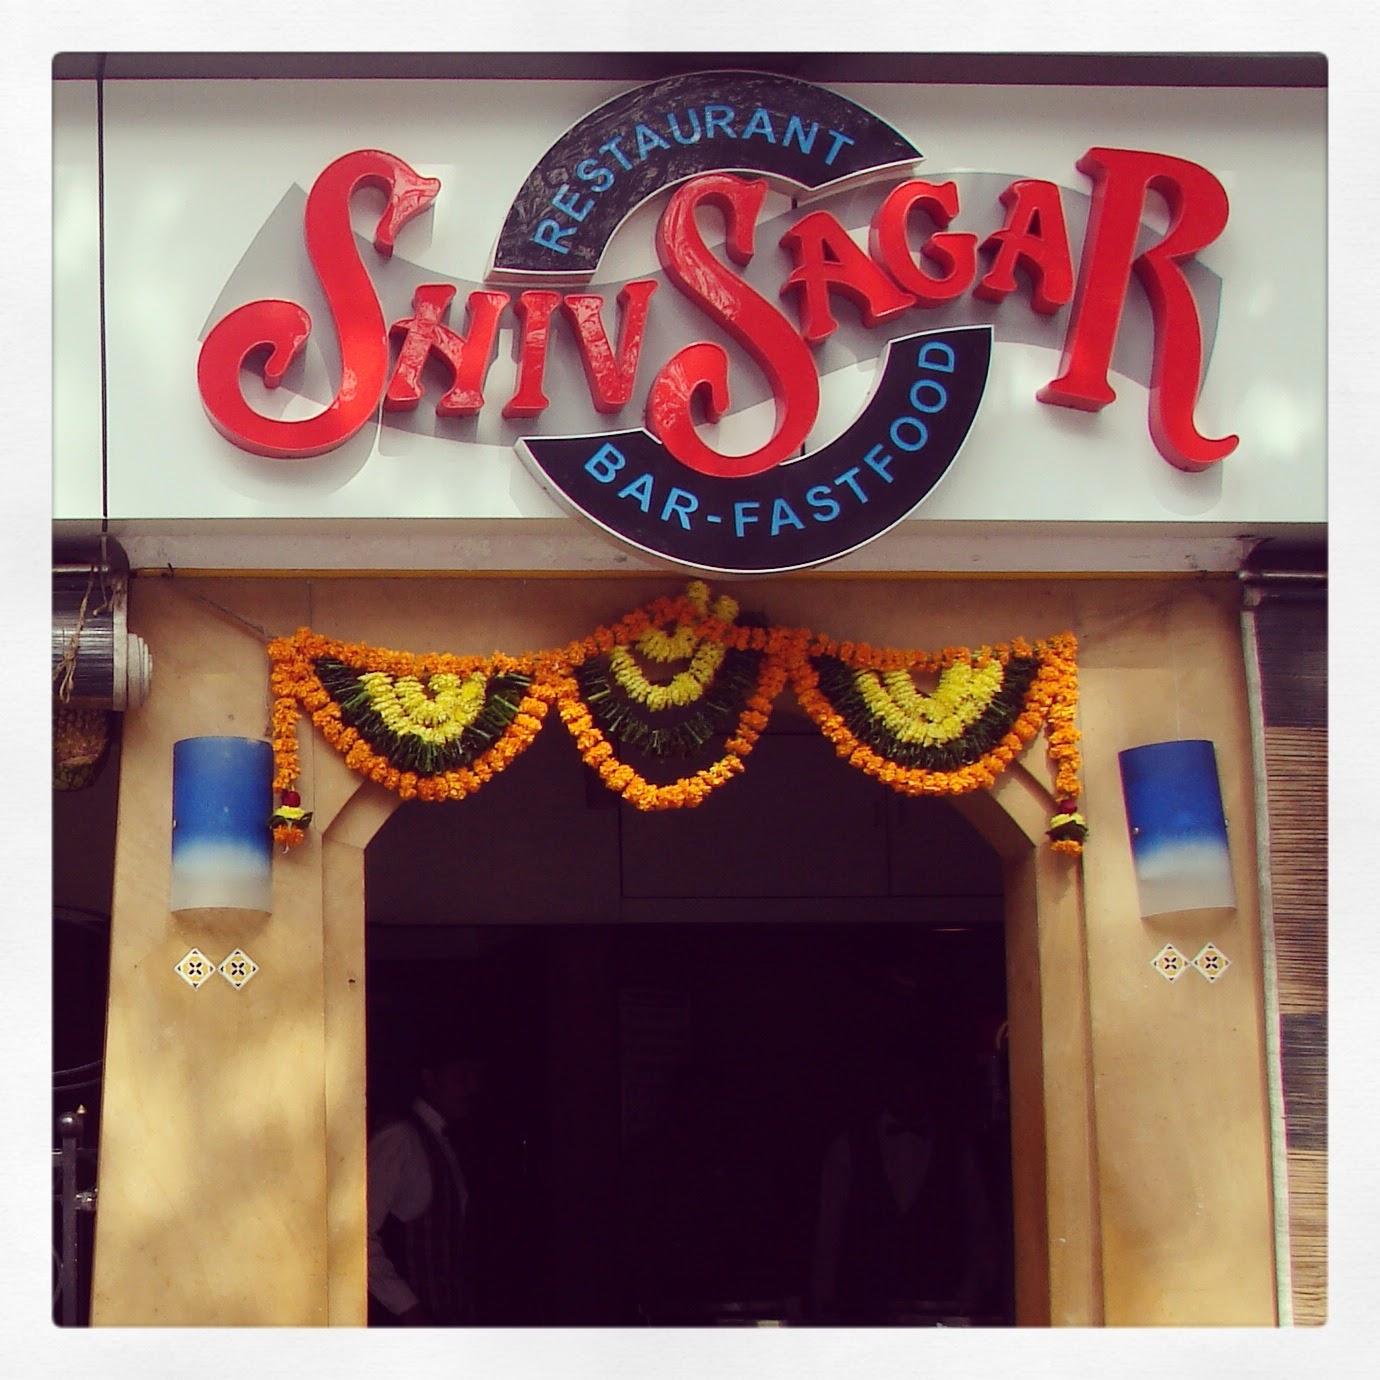 Shiv Sagar Veg Restaurant Mumbai, India